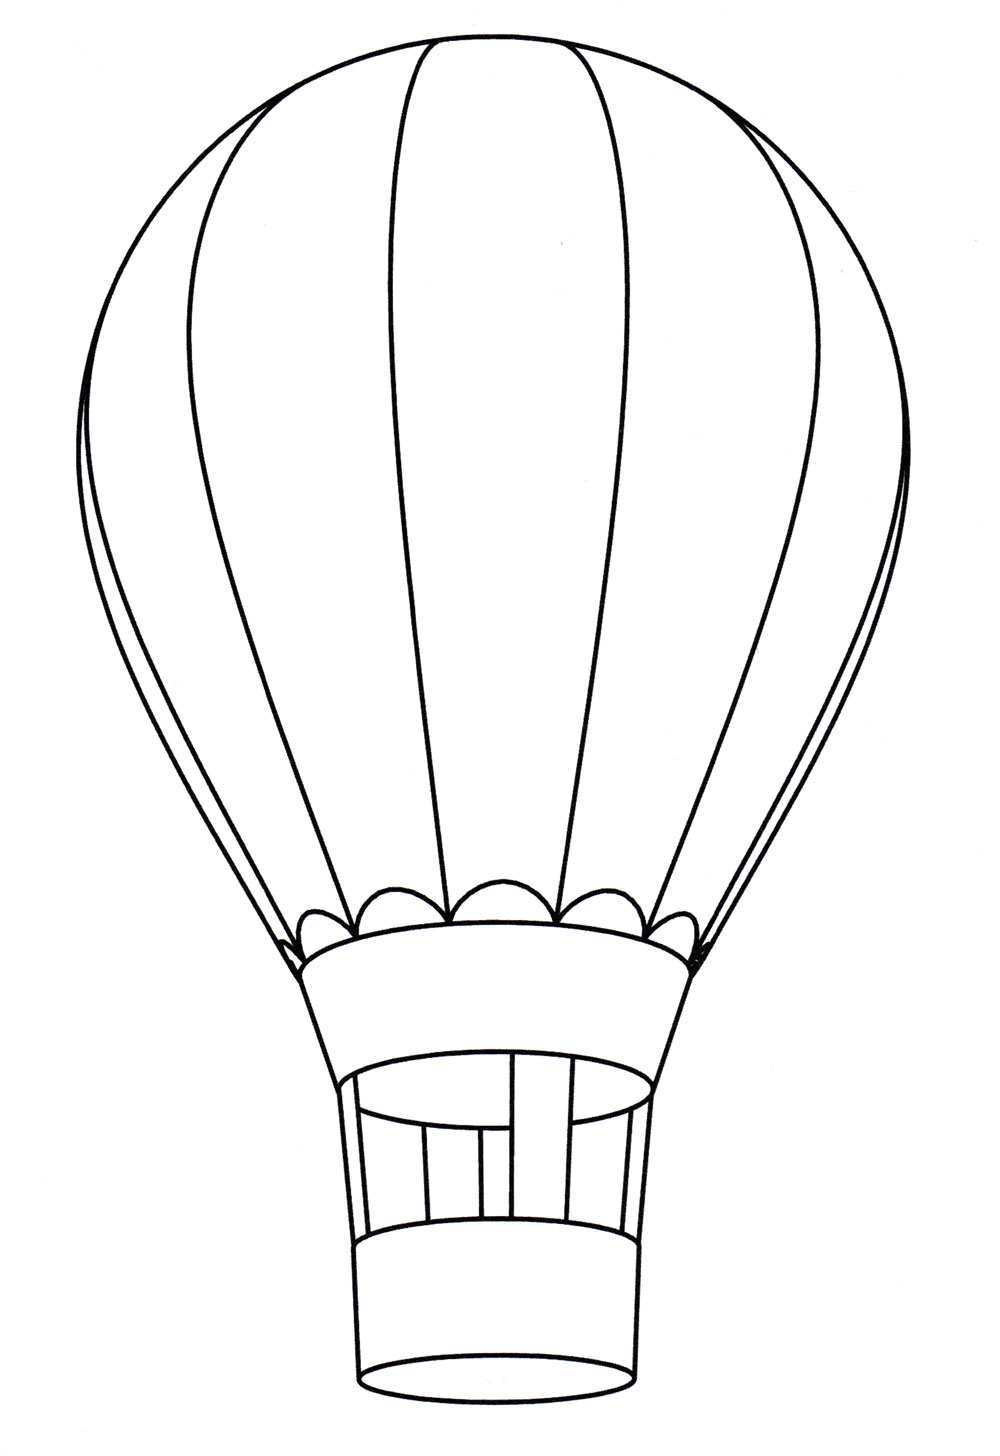 Раскраска Воздушный шар - распечатать бесплатно